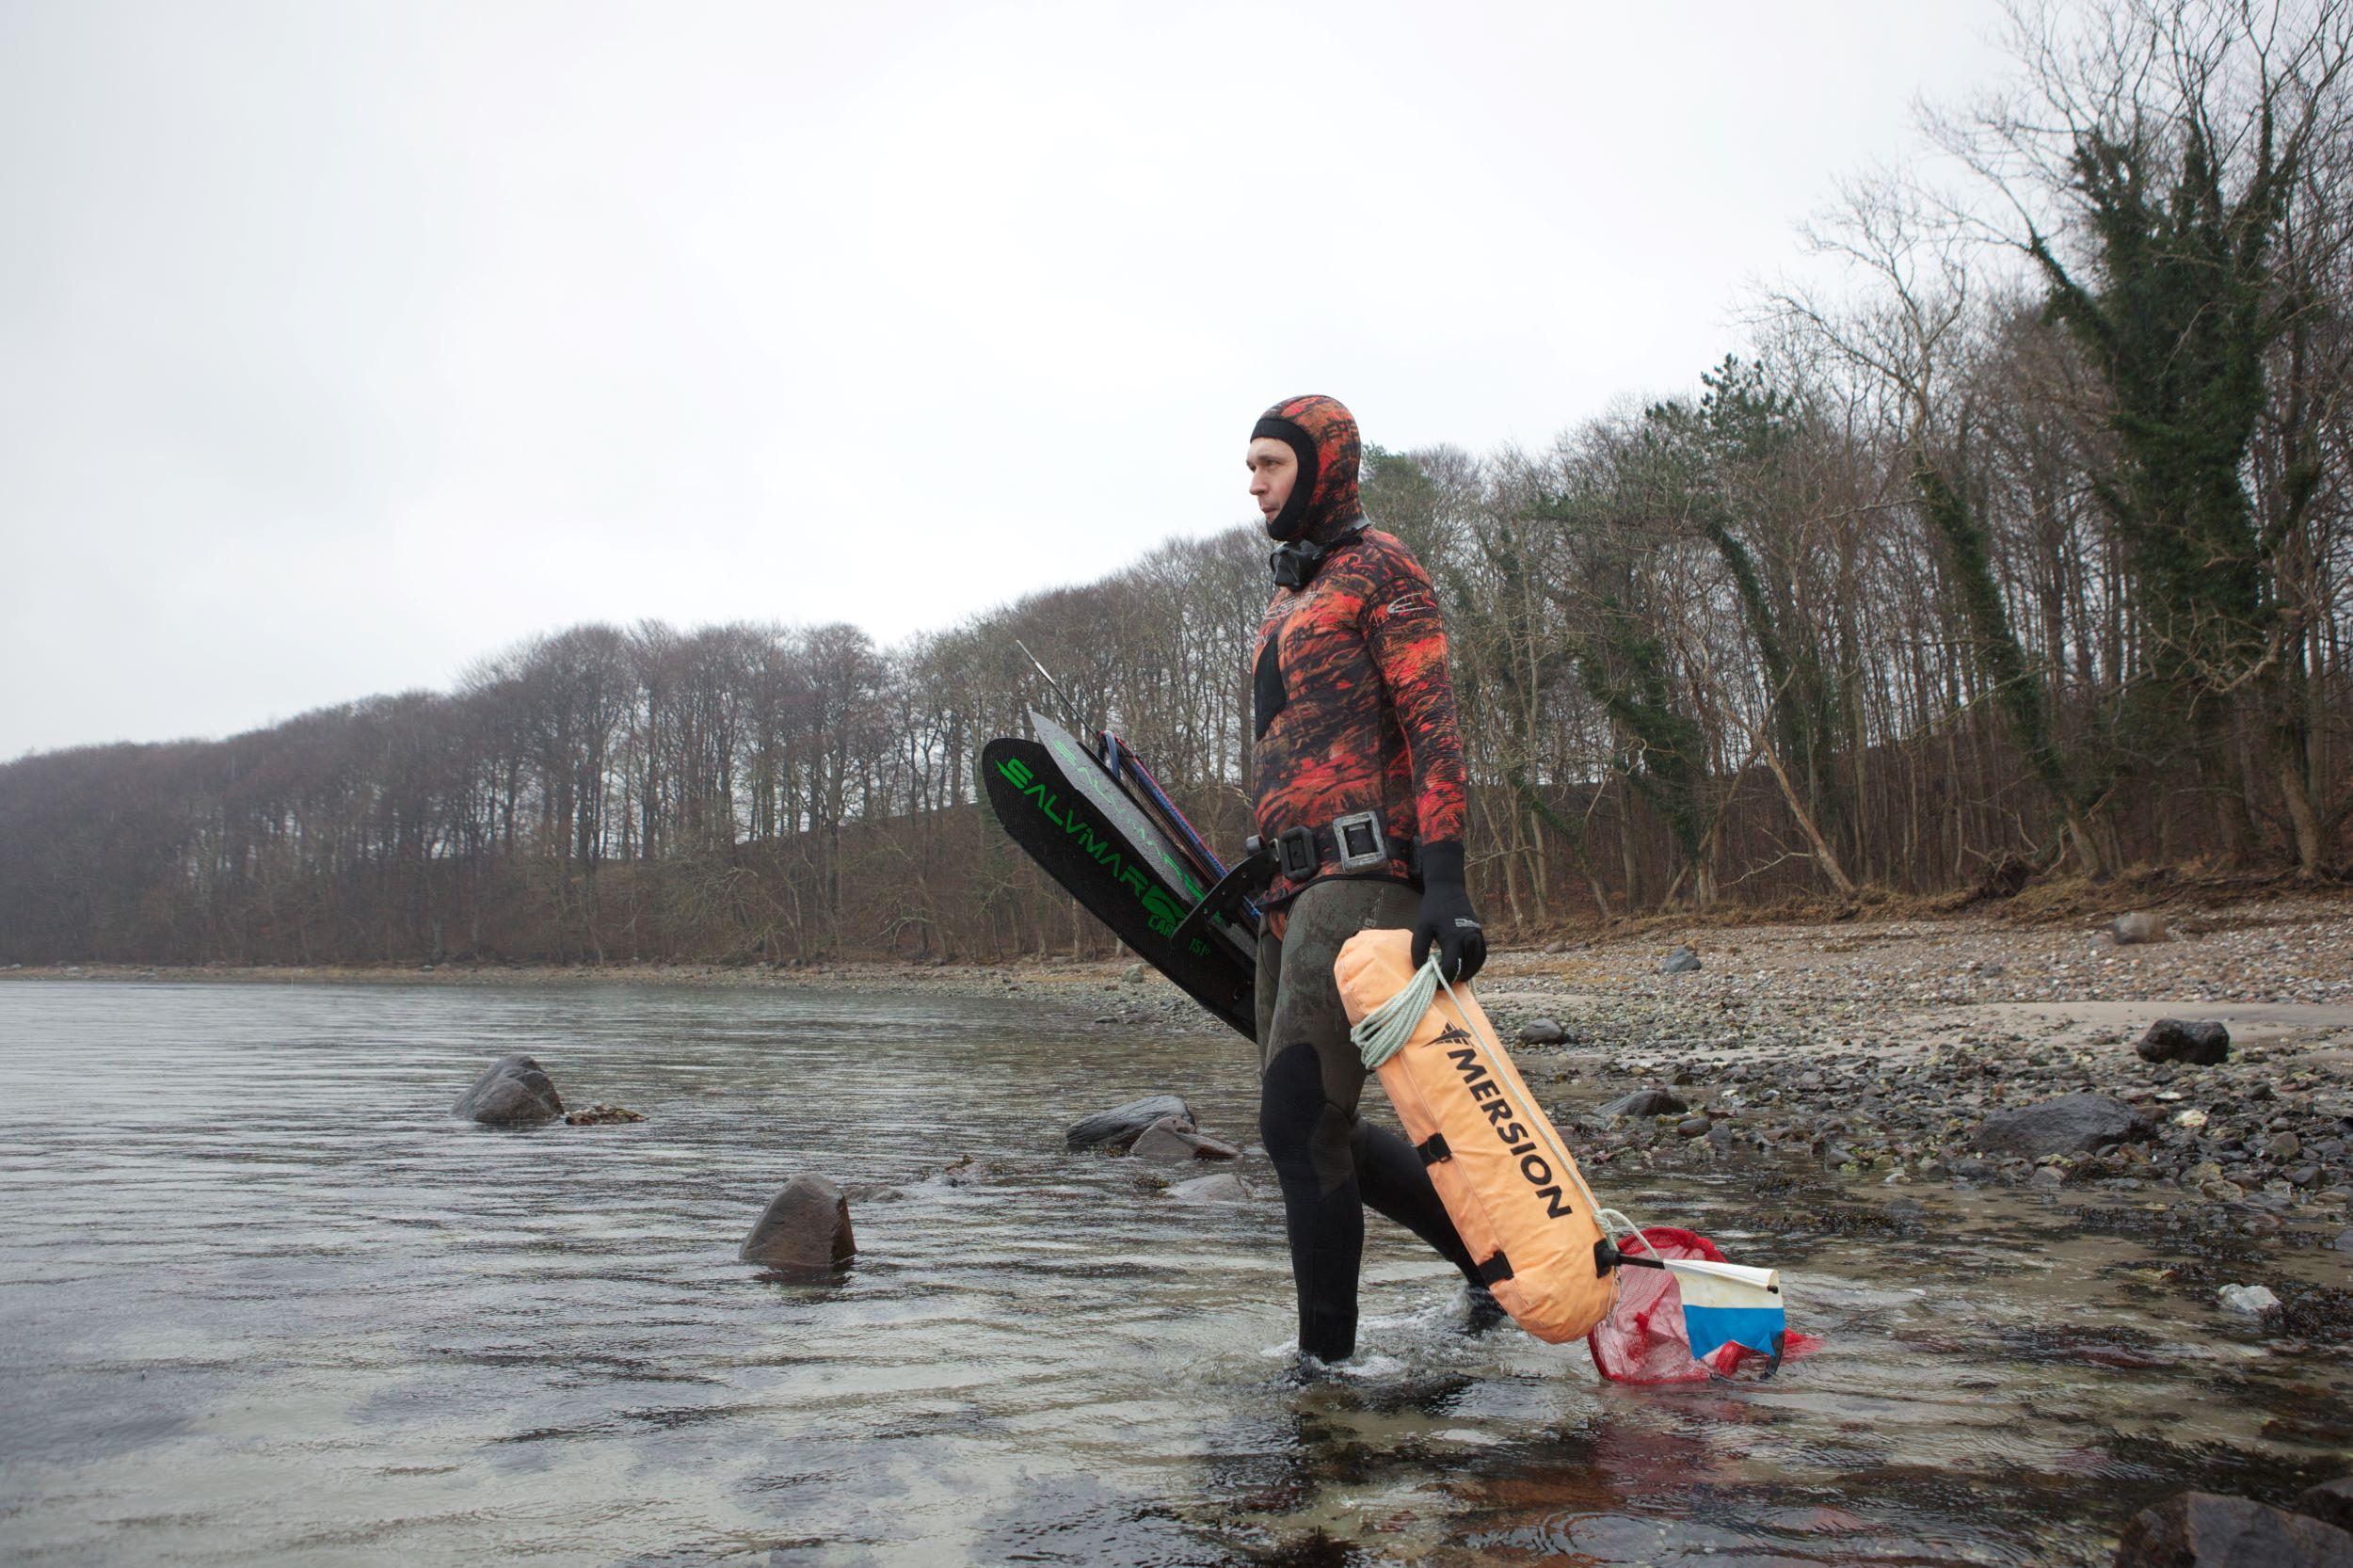 Undervandsjæger på vej i vandet